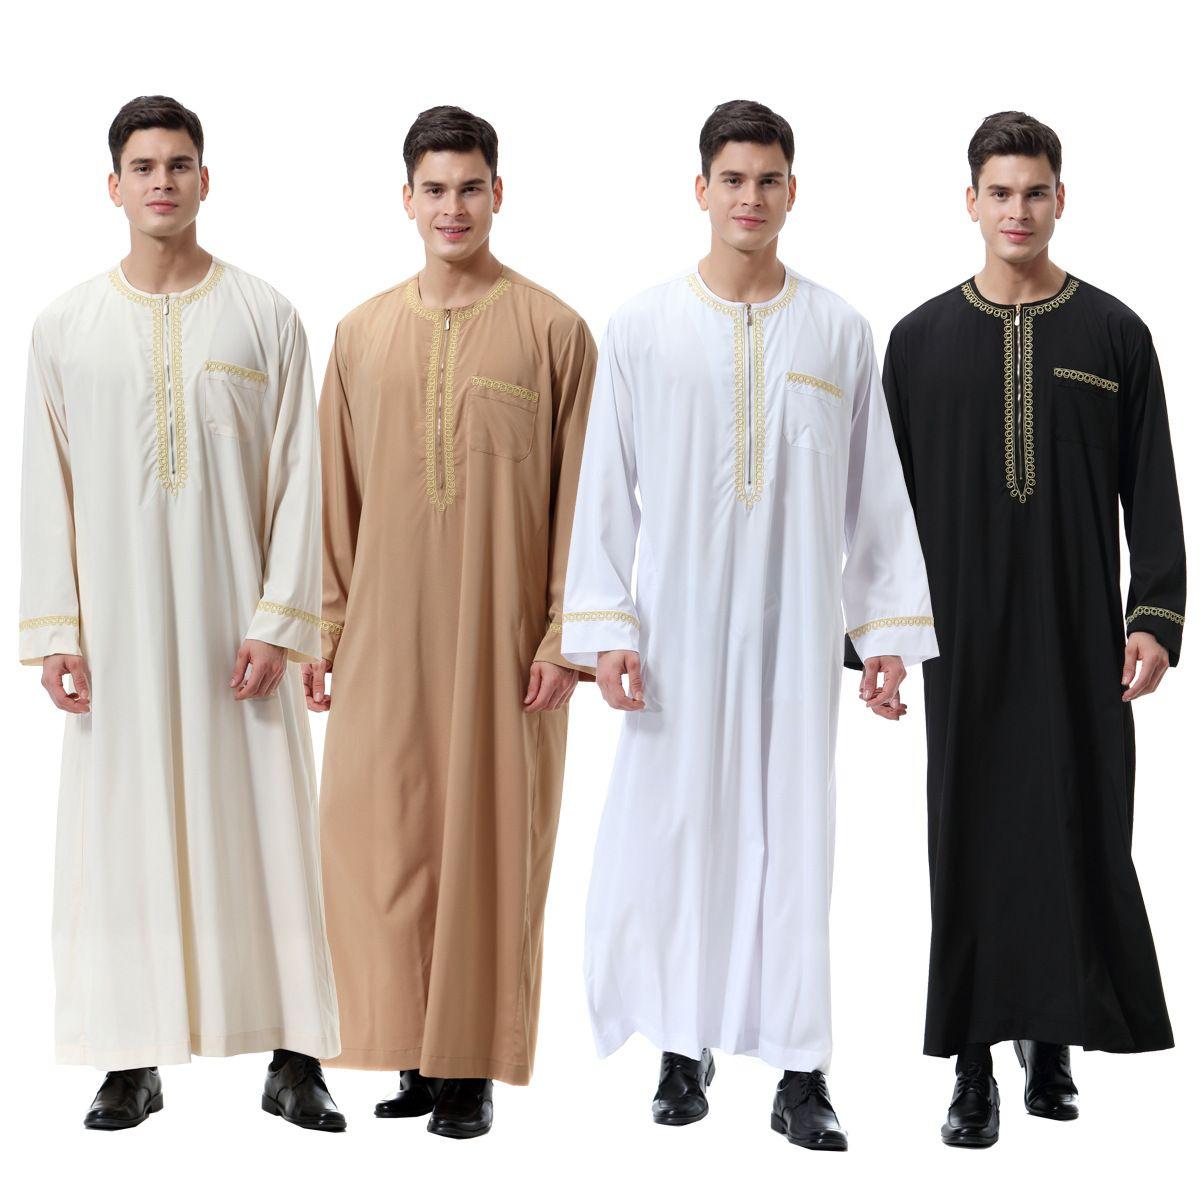 Homens Robes Roupas Muçulmanas Manga Longa Bordado Árabe Dubai Indiano Oriente Médio Homem Islâmico Jubba Thobe Plus Size 3XL DK756MZ